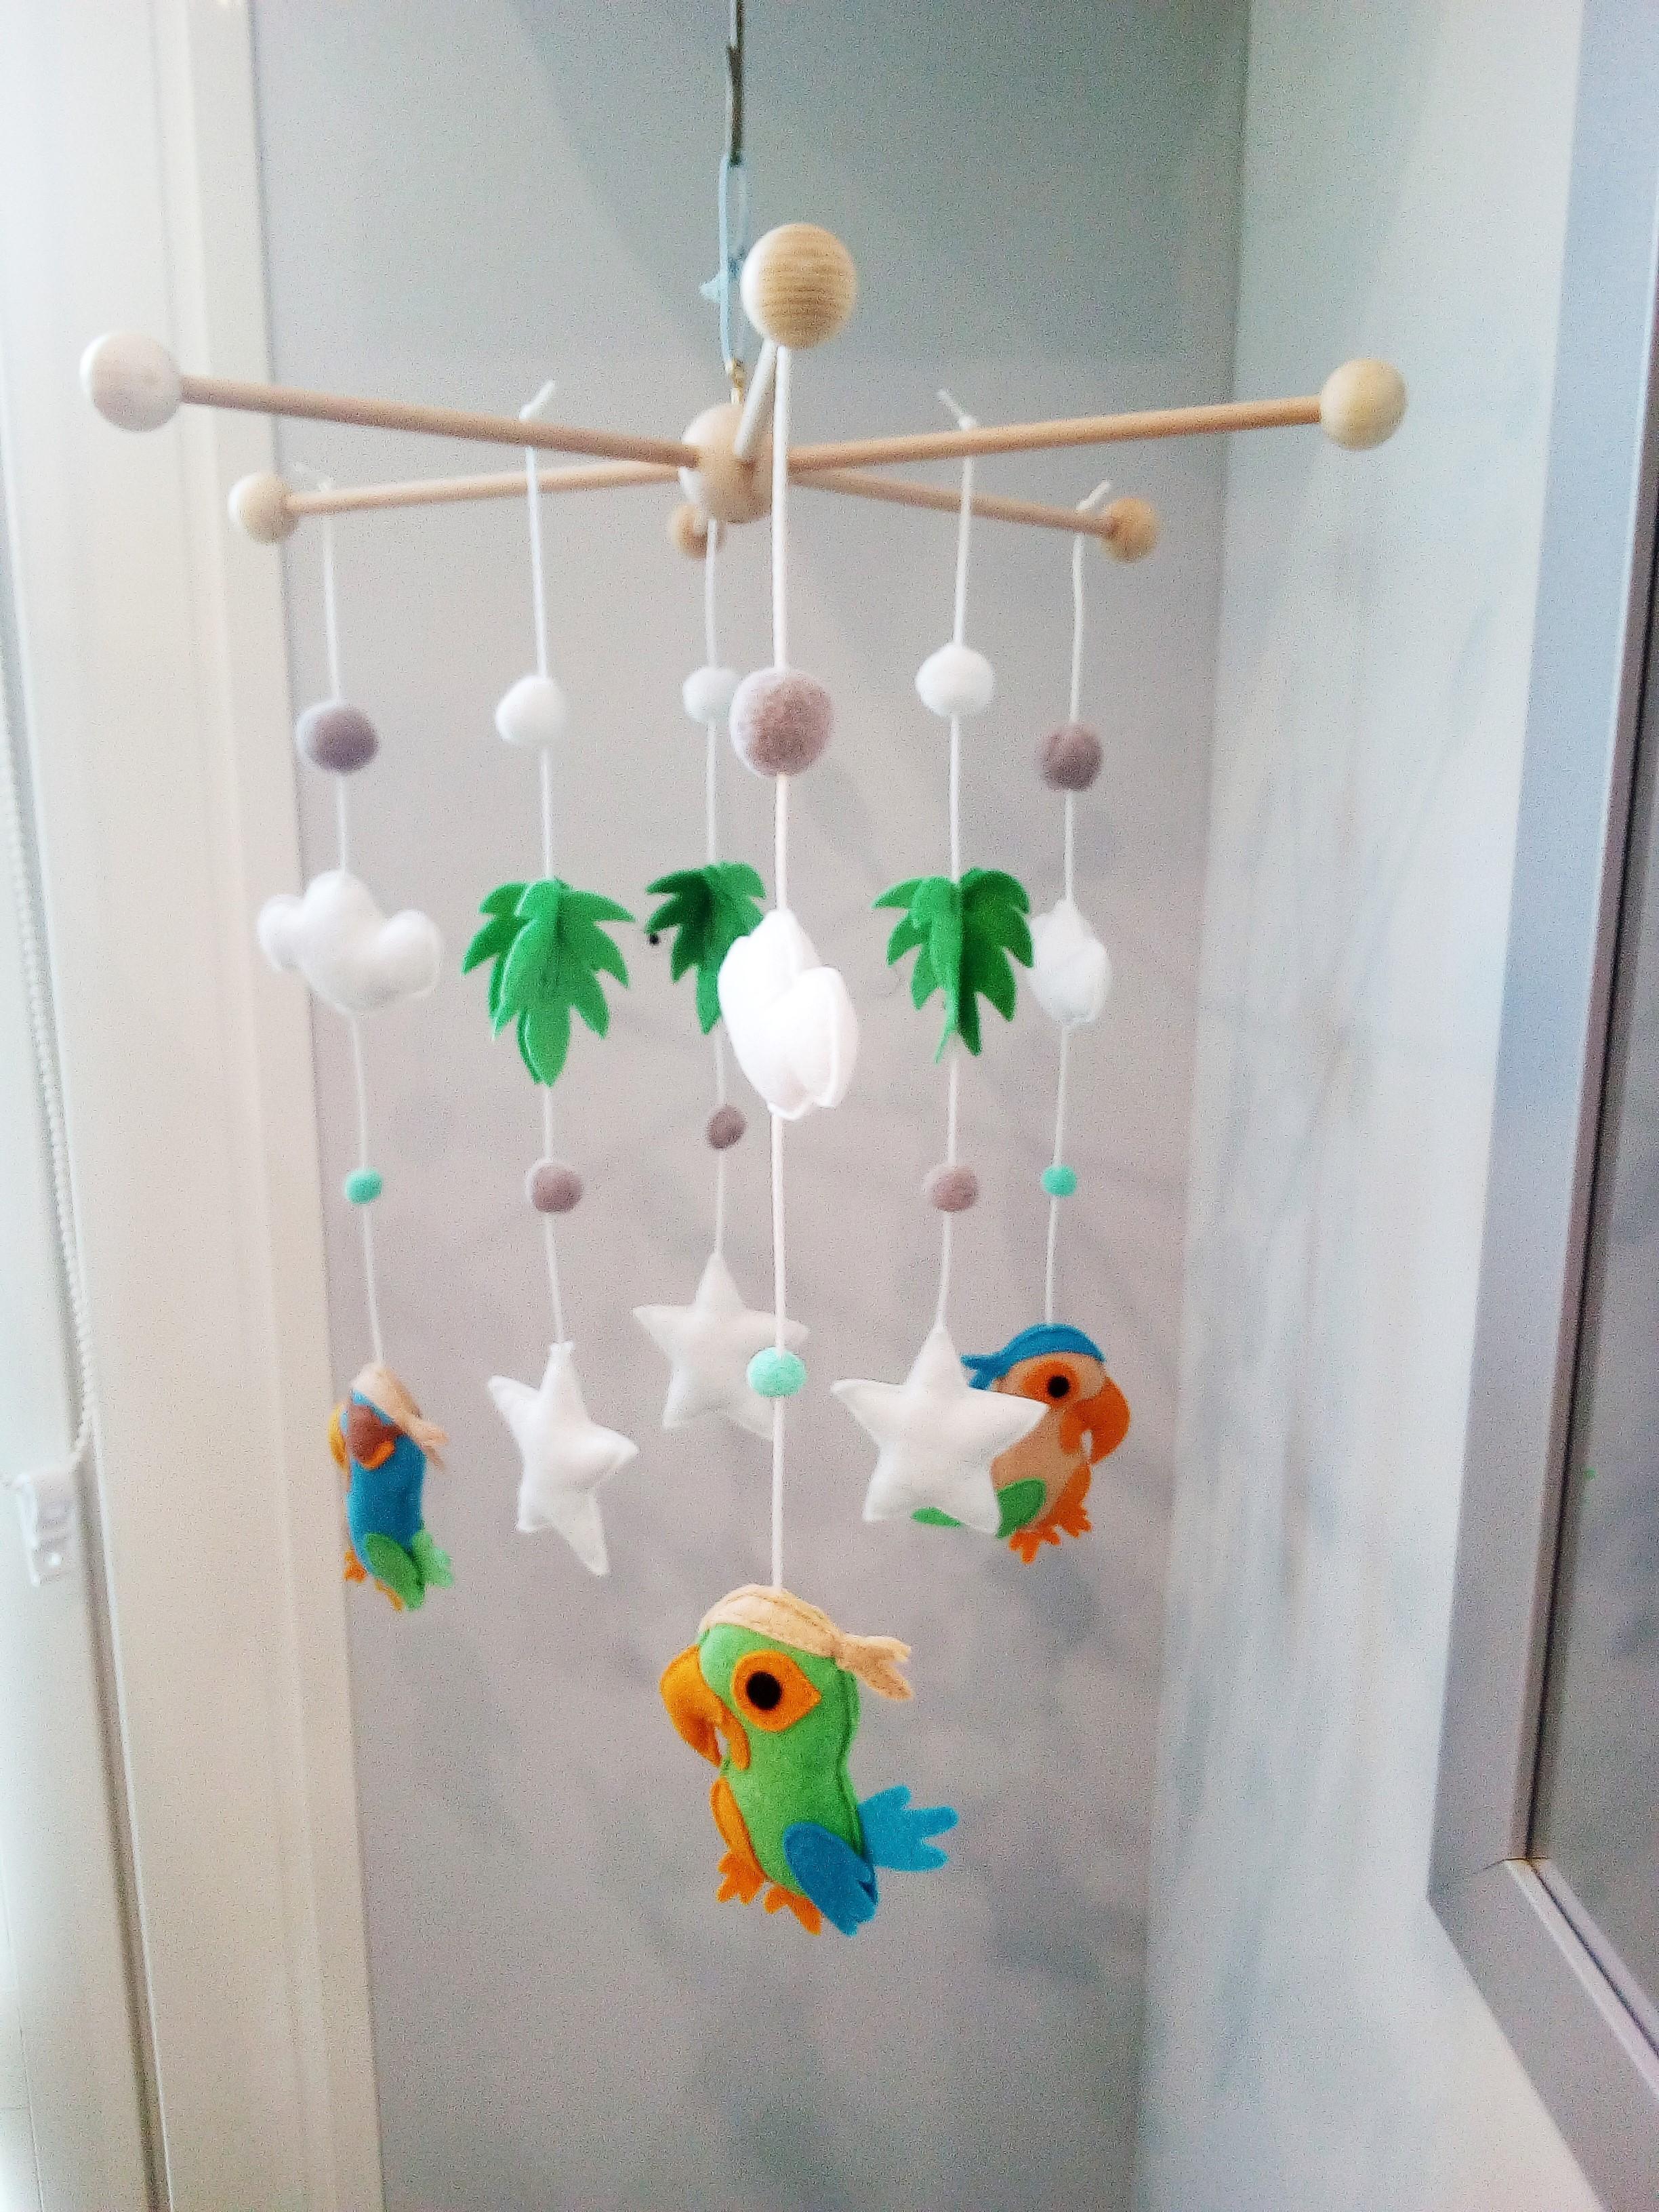 Mobile bébé perroquet pirate étoile et feuille suspension de berceau  décoration chambre bébé